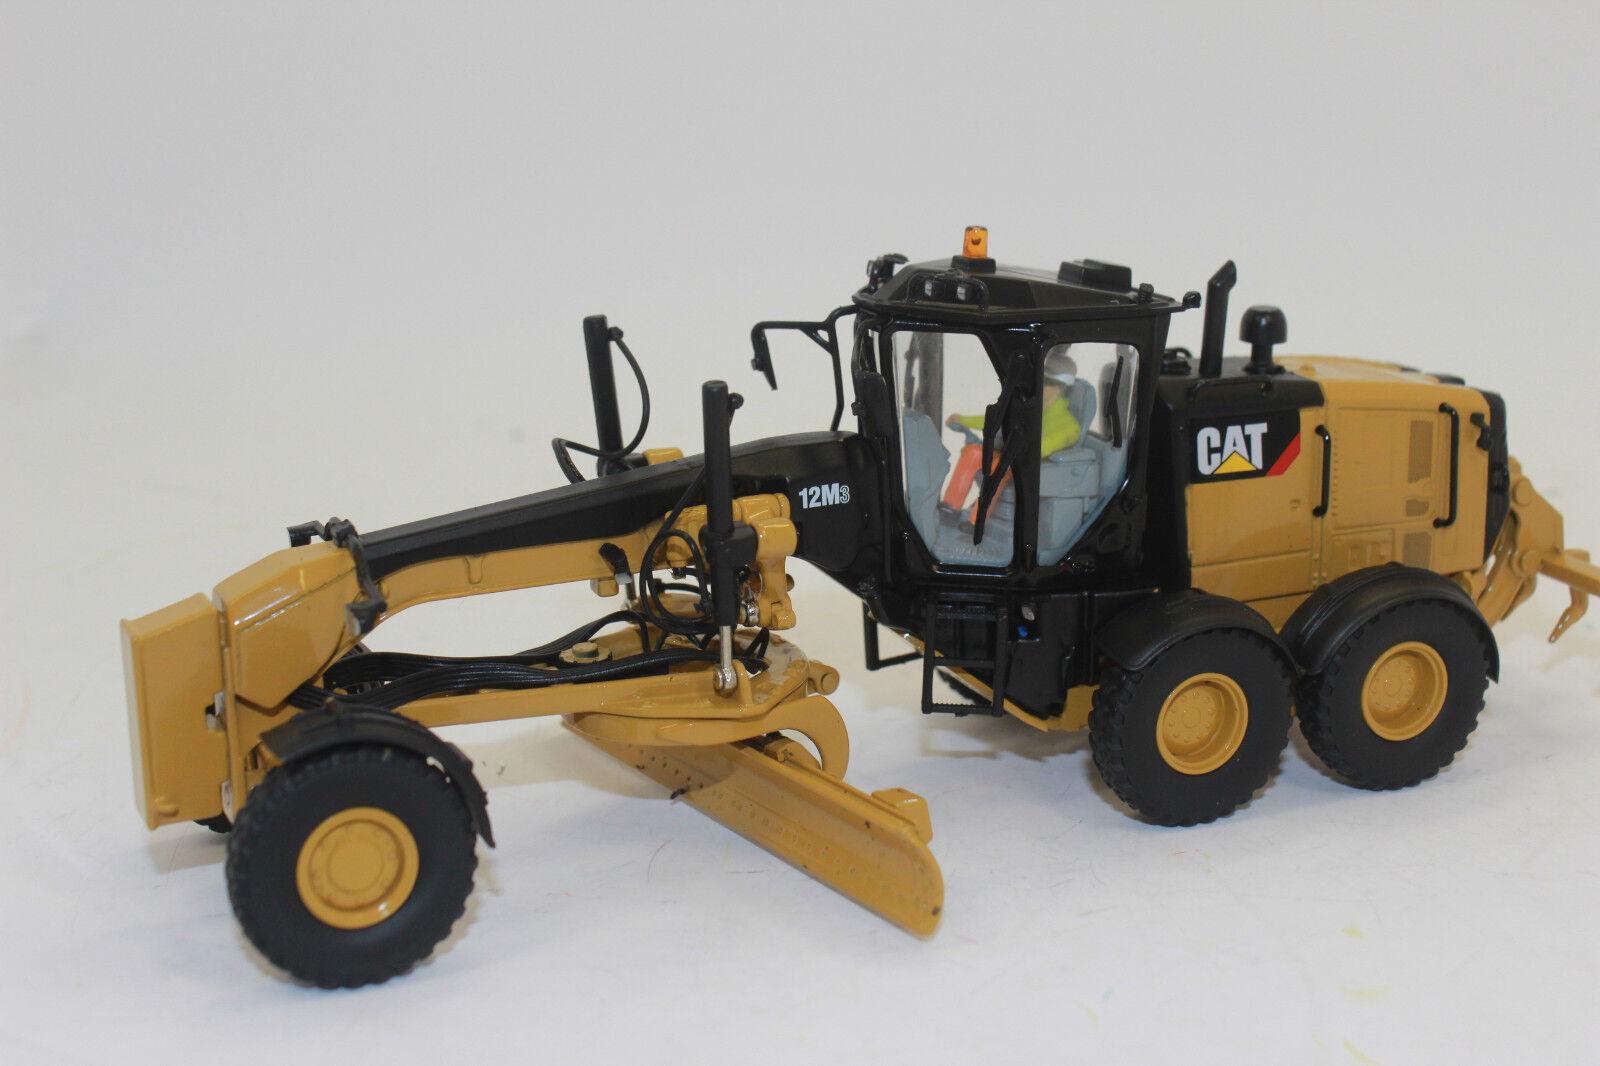 Miniature Masters 85519 CAT Caterpillar 12 M 3 motorgrader motorgrader motorgrader angledozers 1:50 nouveau en OVP   L'exportation  31dc8e